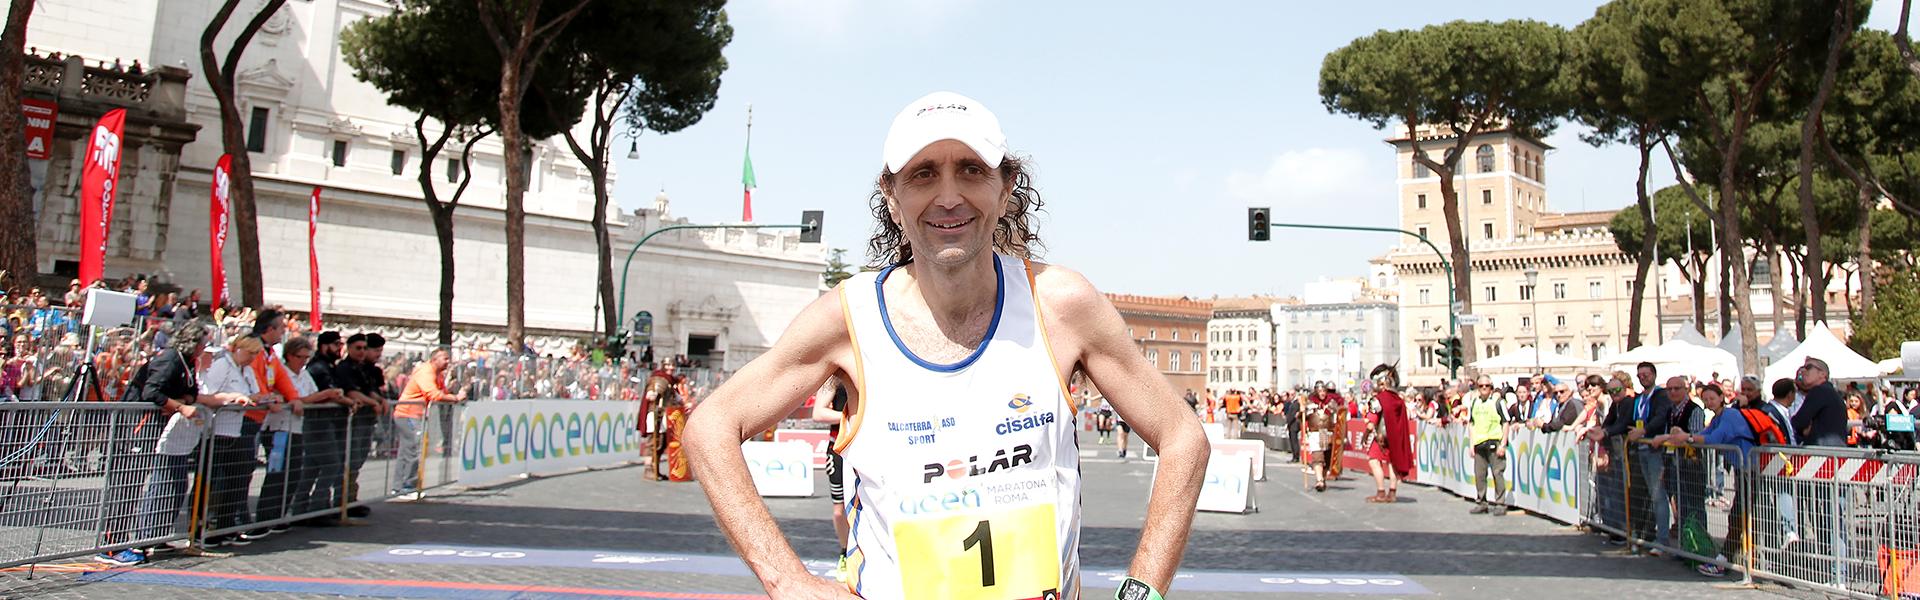 Giorgio Calcaterra spiega il percorso dell'Acea Run Rome the Marathon